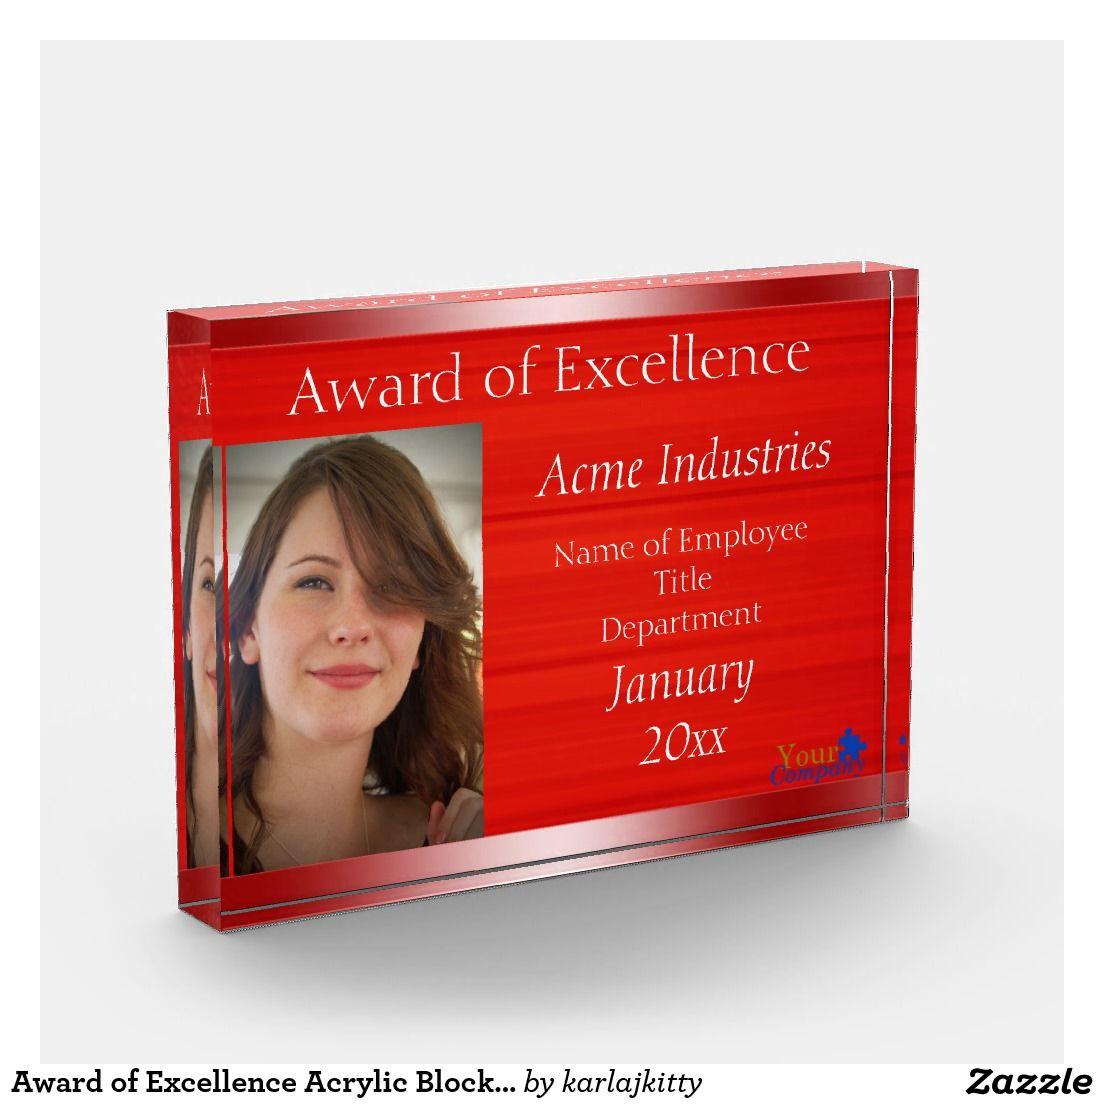 Award of Excellence Acrylic Block Award